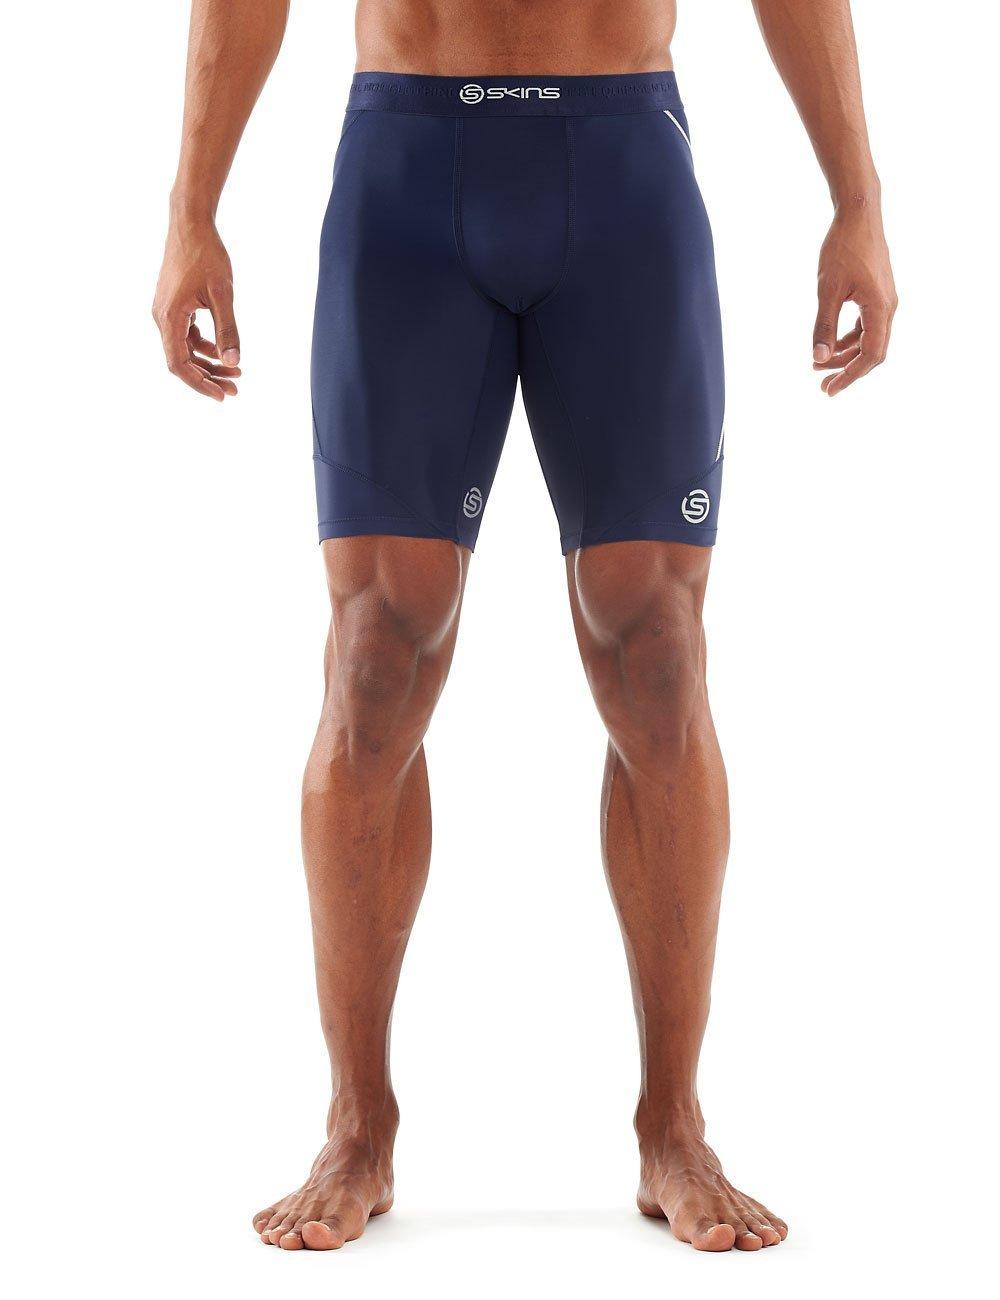 ad7bd7228b95d Get Quotations · SKINS Mens DNAmic Men's Compression Half Tights/Shorts